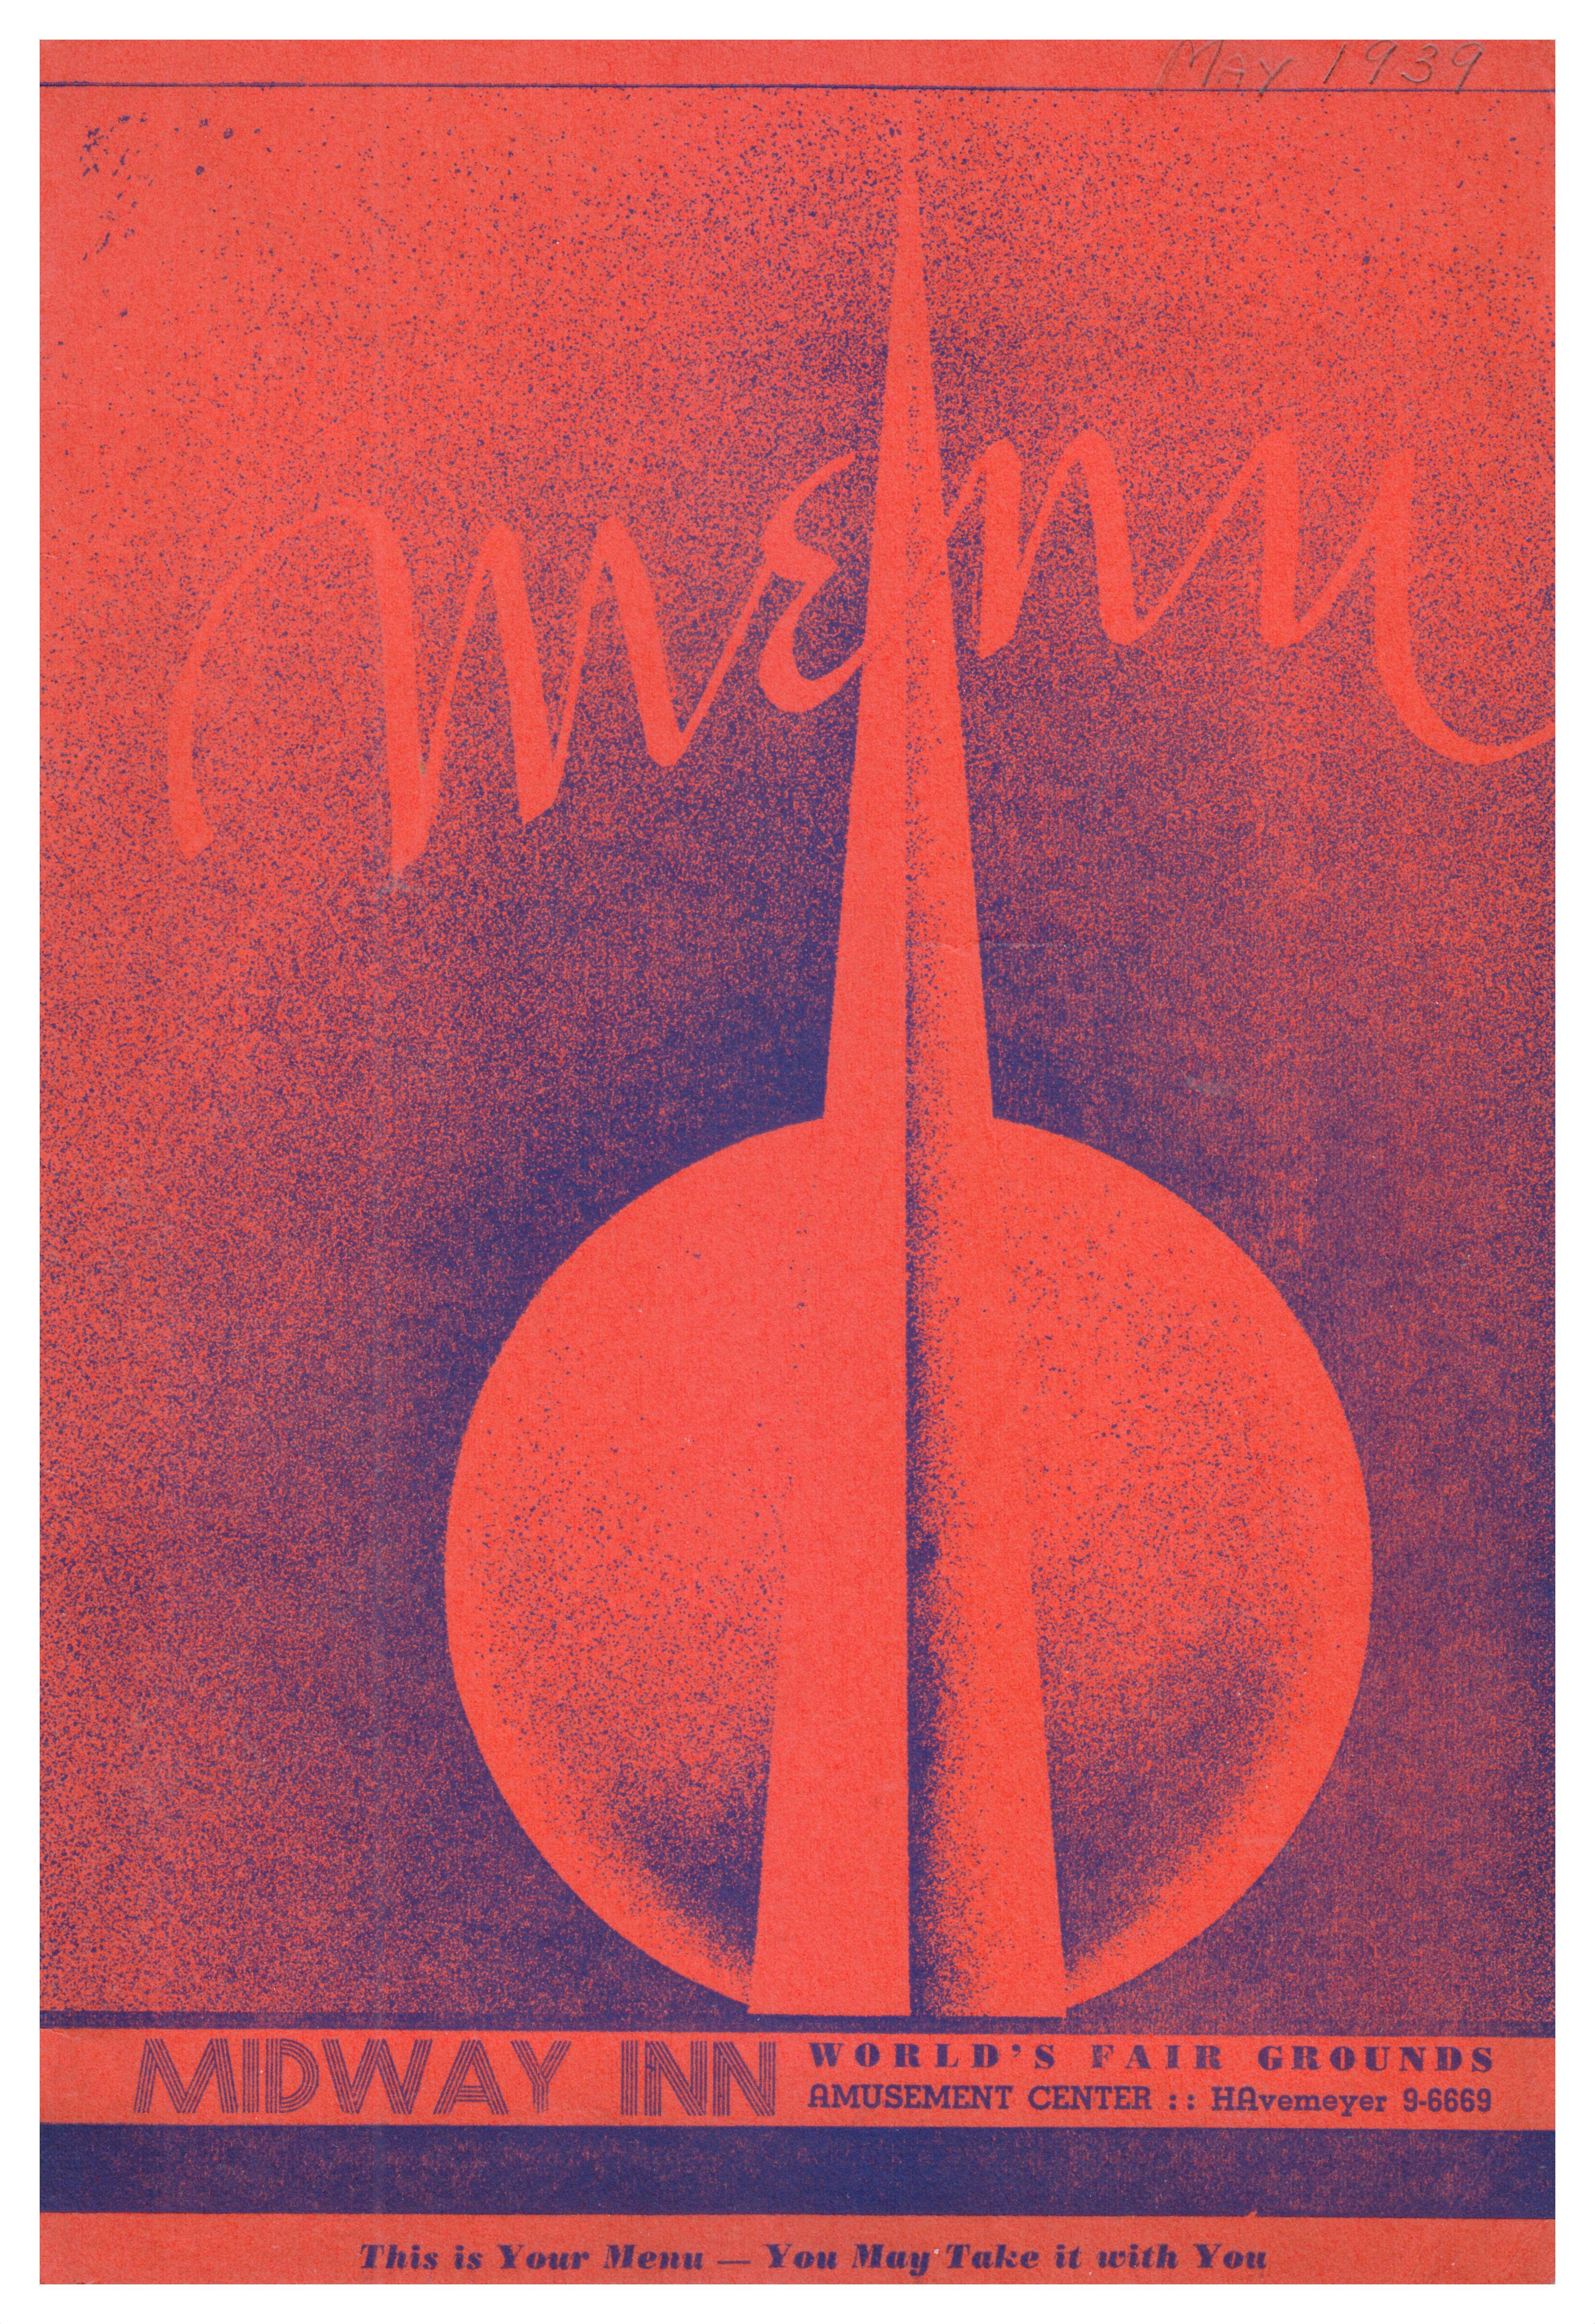 1939 New York World's Fair Menu, Midway Inn